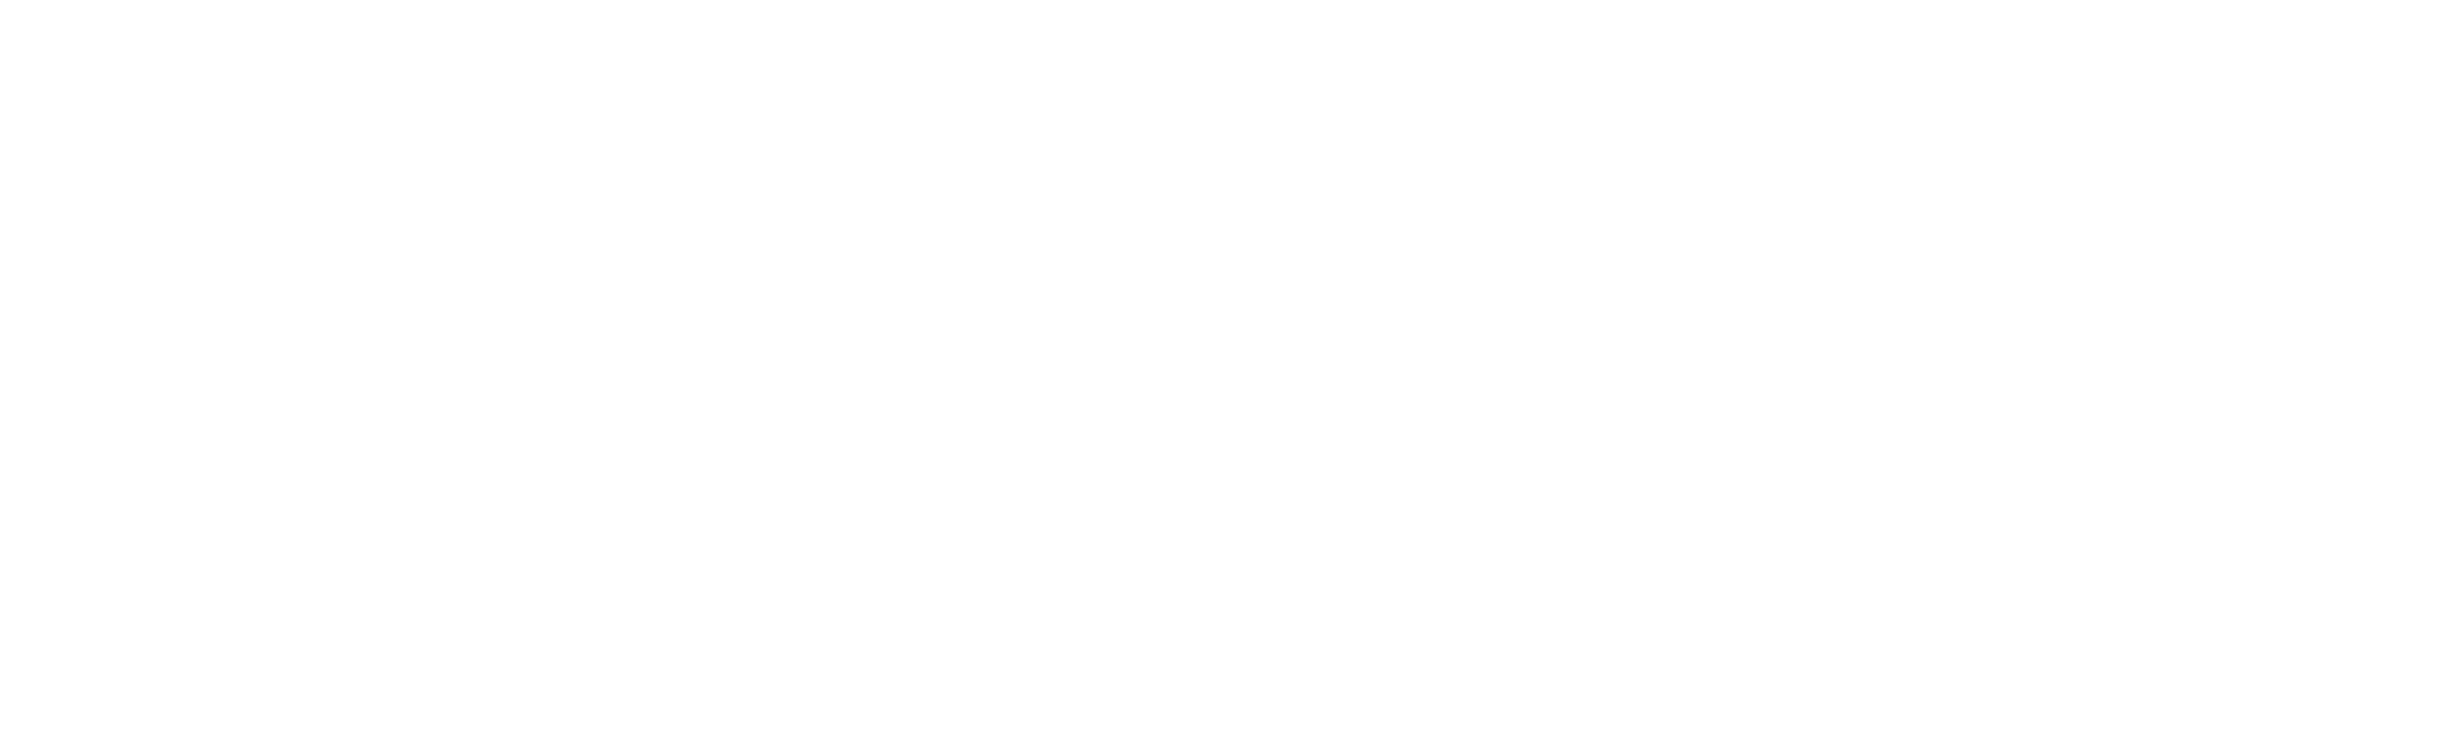 Logo Abatron White